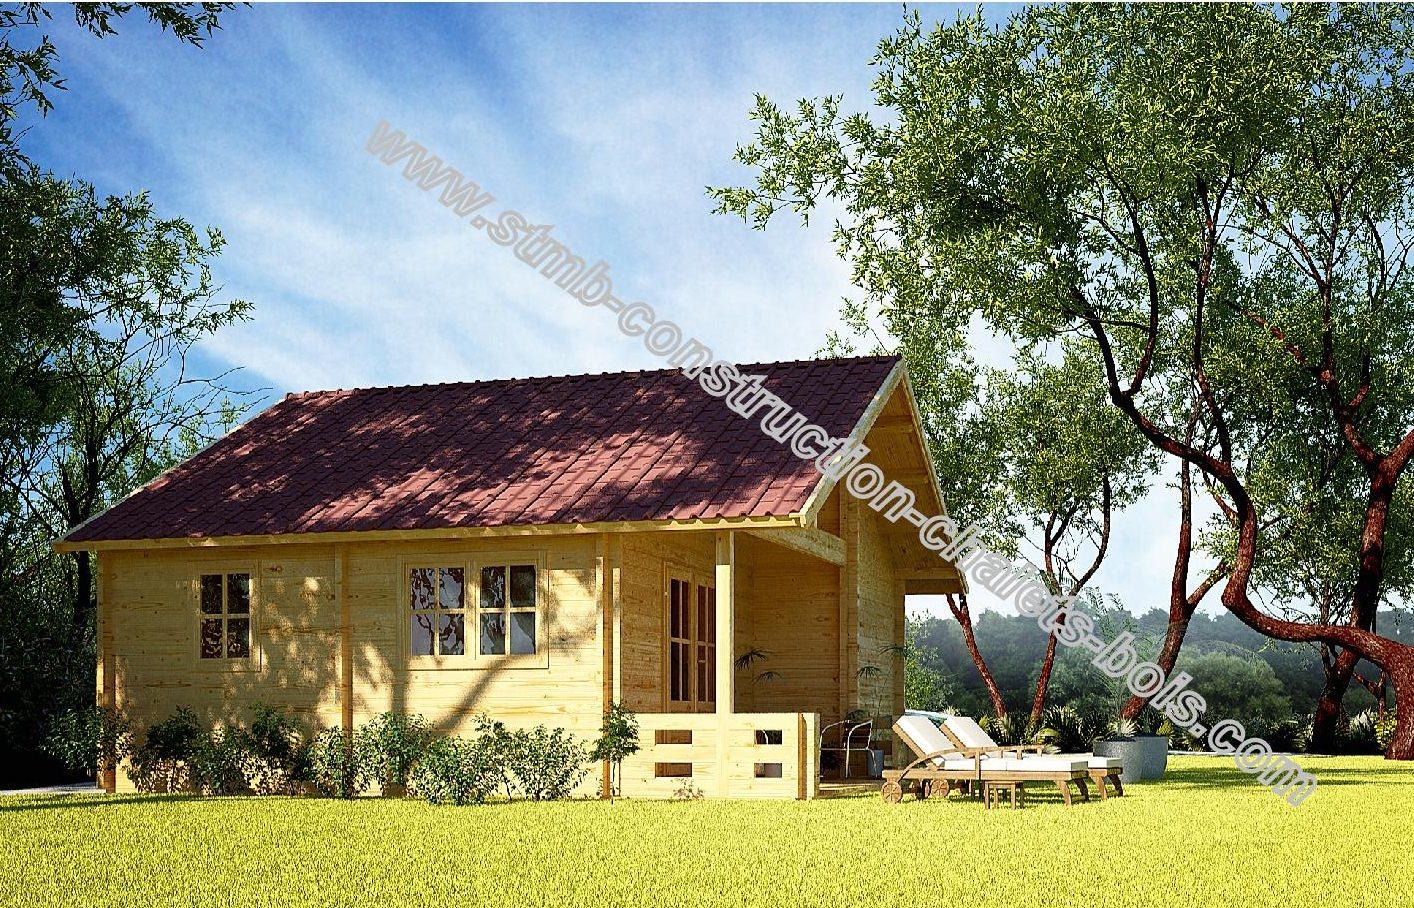 chalet de jardin leroy merlin amiens maison design. Black Bedroom Furniture Sets. Home Design Ideas